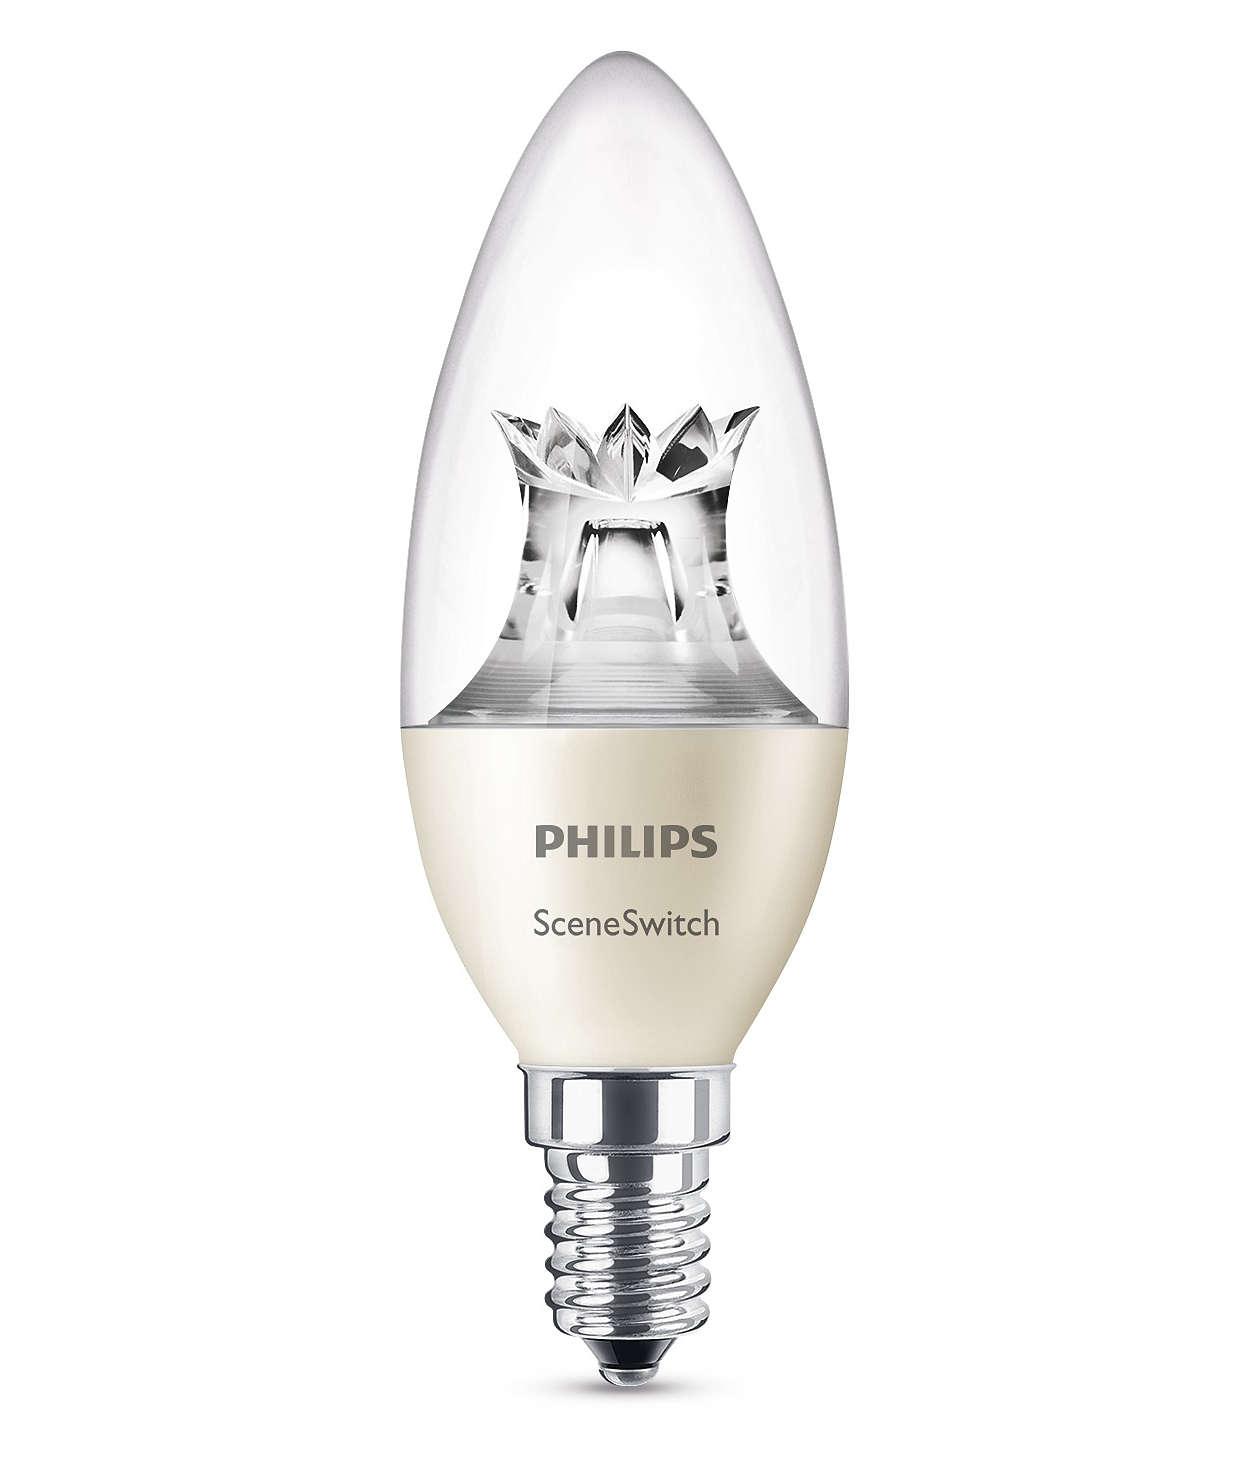 Jedna žarulja oblika svijeće, a tri postavke rasvjete